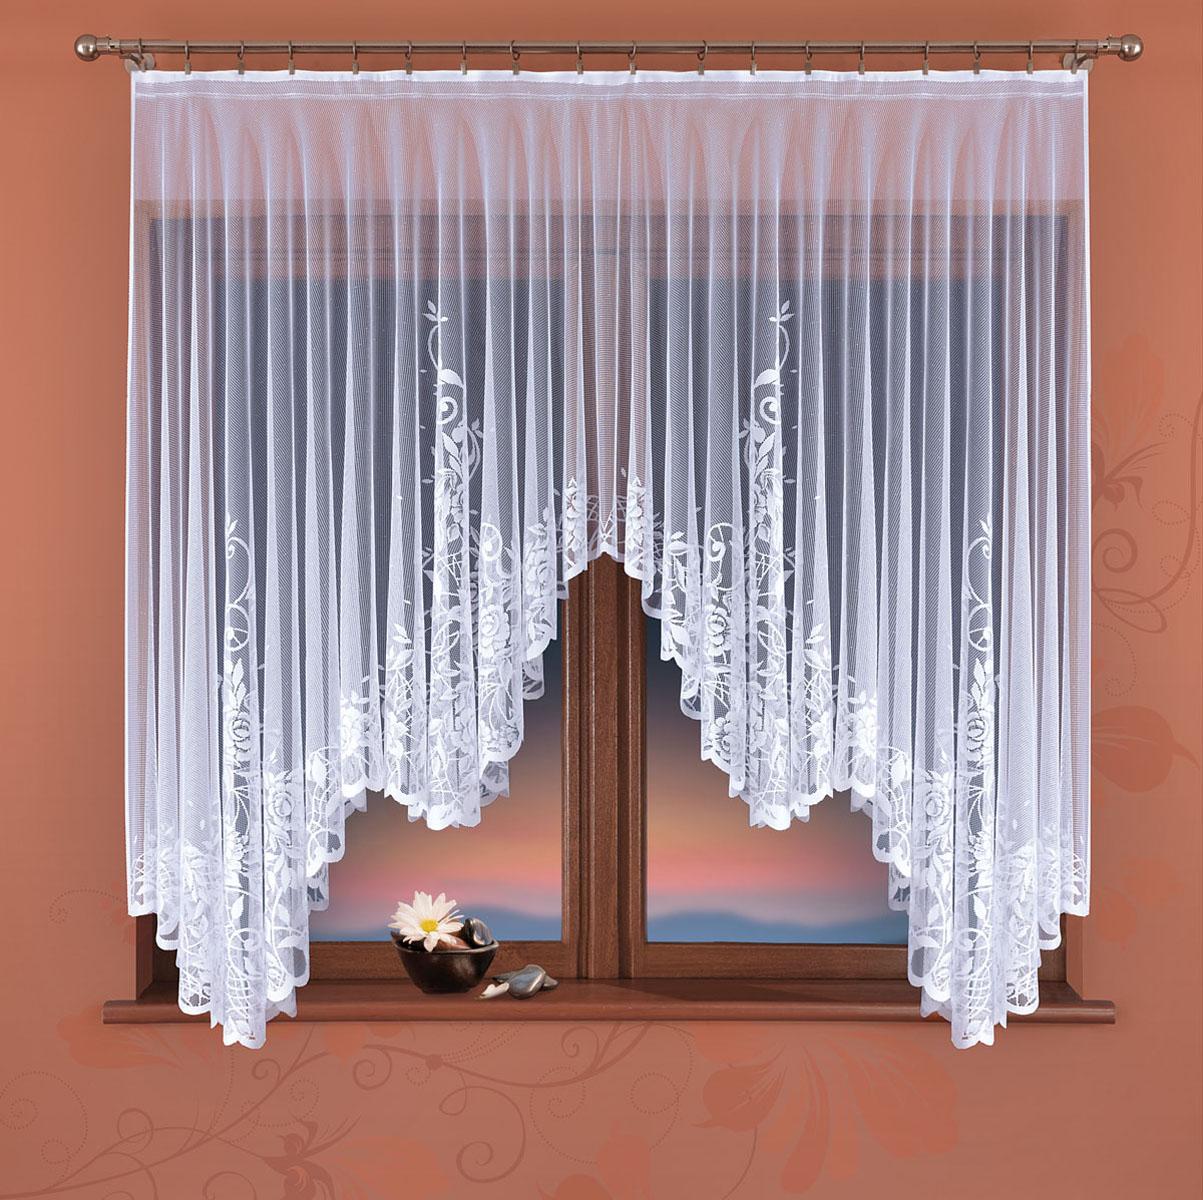 Гардина Wisan, цвет: белый, ширина 170 см, высота 160 см10503Гардина жаккардовая, крепление зажимы для штор.Размеры: 170*высота 160